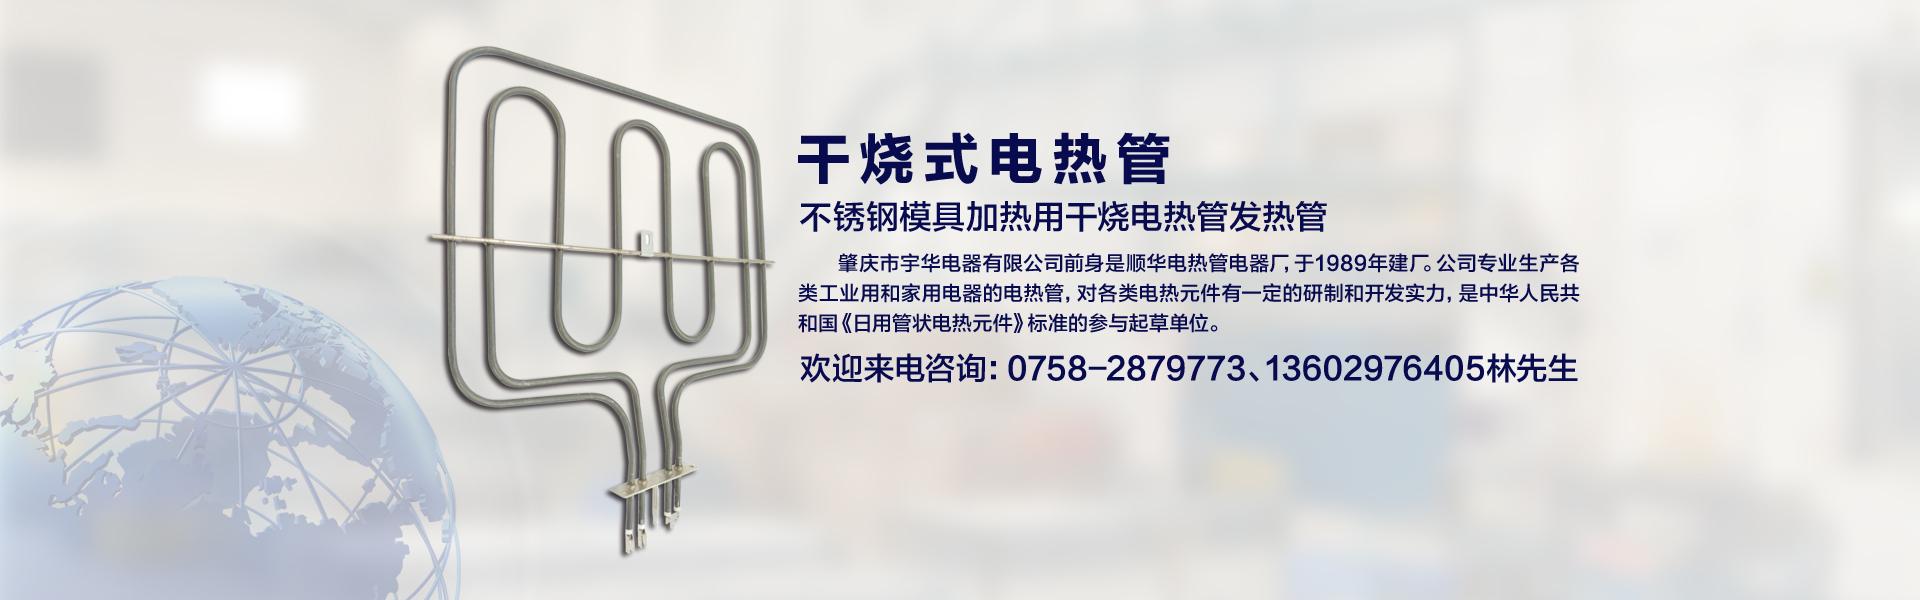 肇庆市宇华电器有限公司专业生产干烧式电热管,单头电热管和不锈钢电加热管。